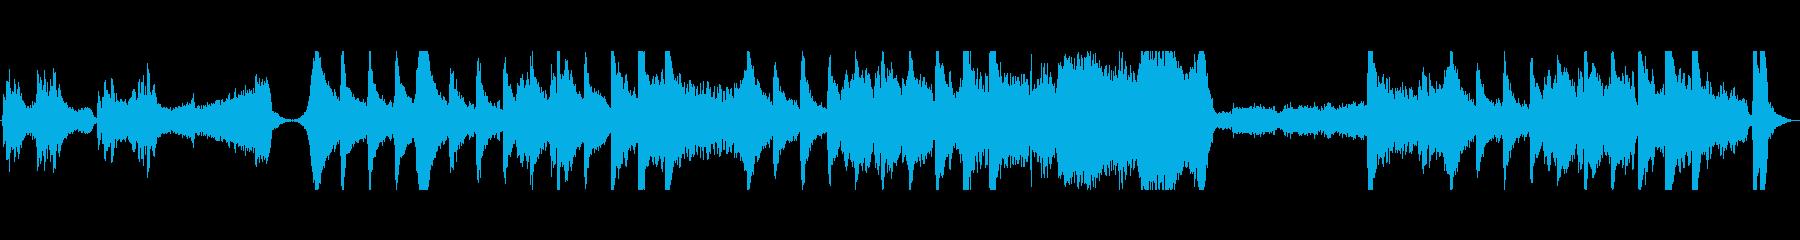 緊迫感のある中華風エピックオーケストラの再生済みの波形